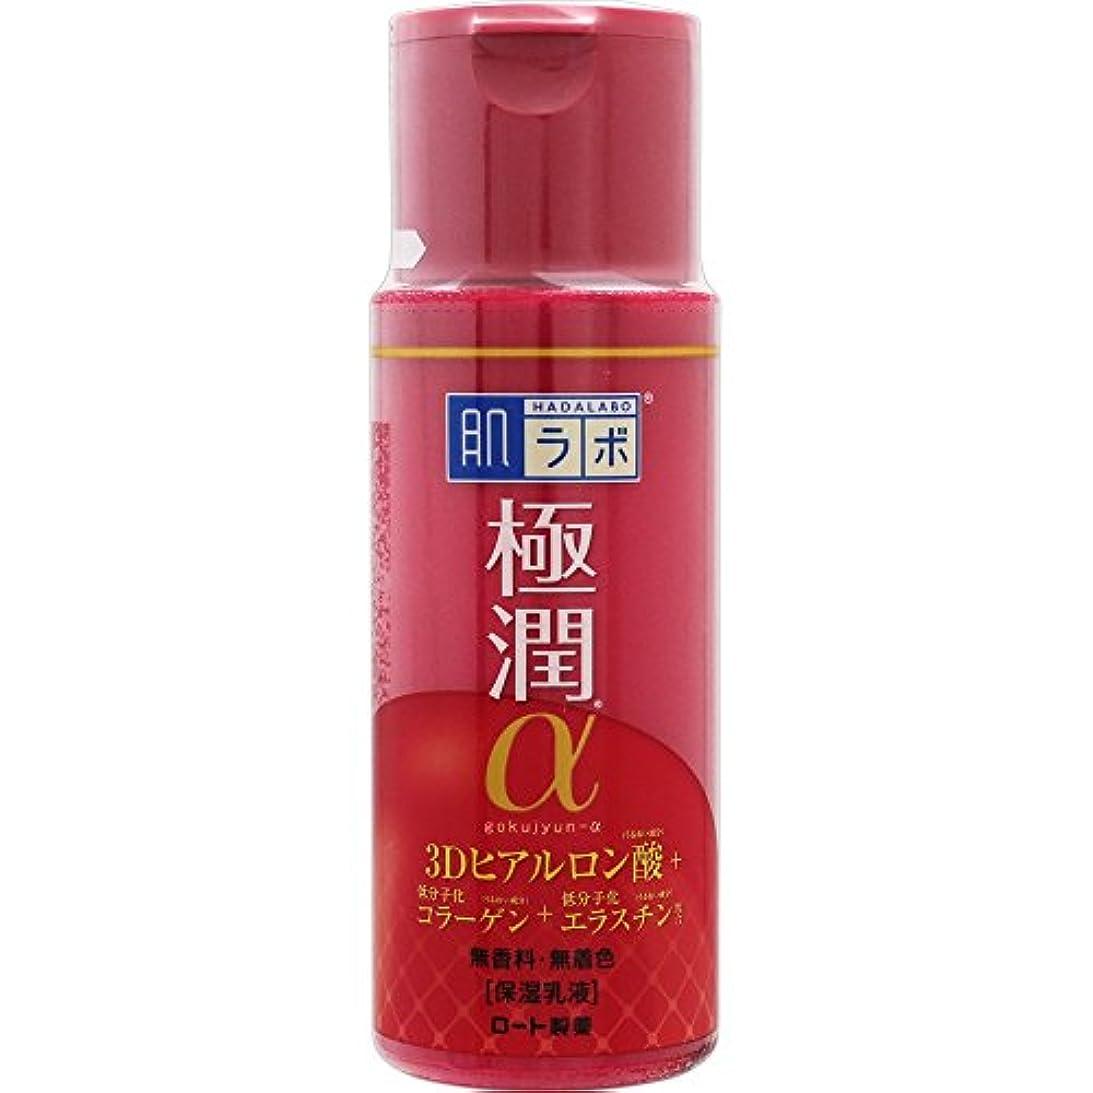 その新鮮な支給肌ラボ 極潤α ハリ乳液 3Dヒアルロン酸×低分子化コラーゲン×低分子化エラスチン配合 140ml